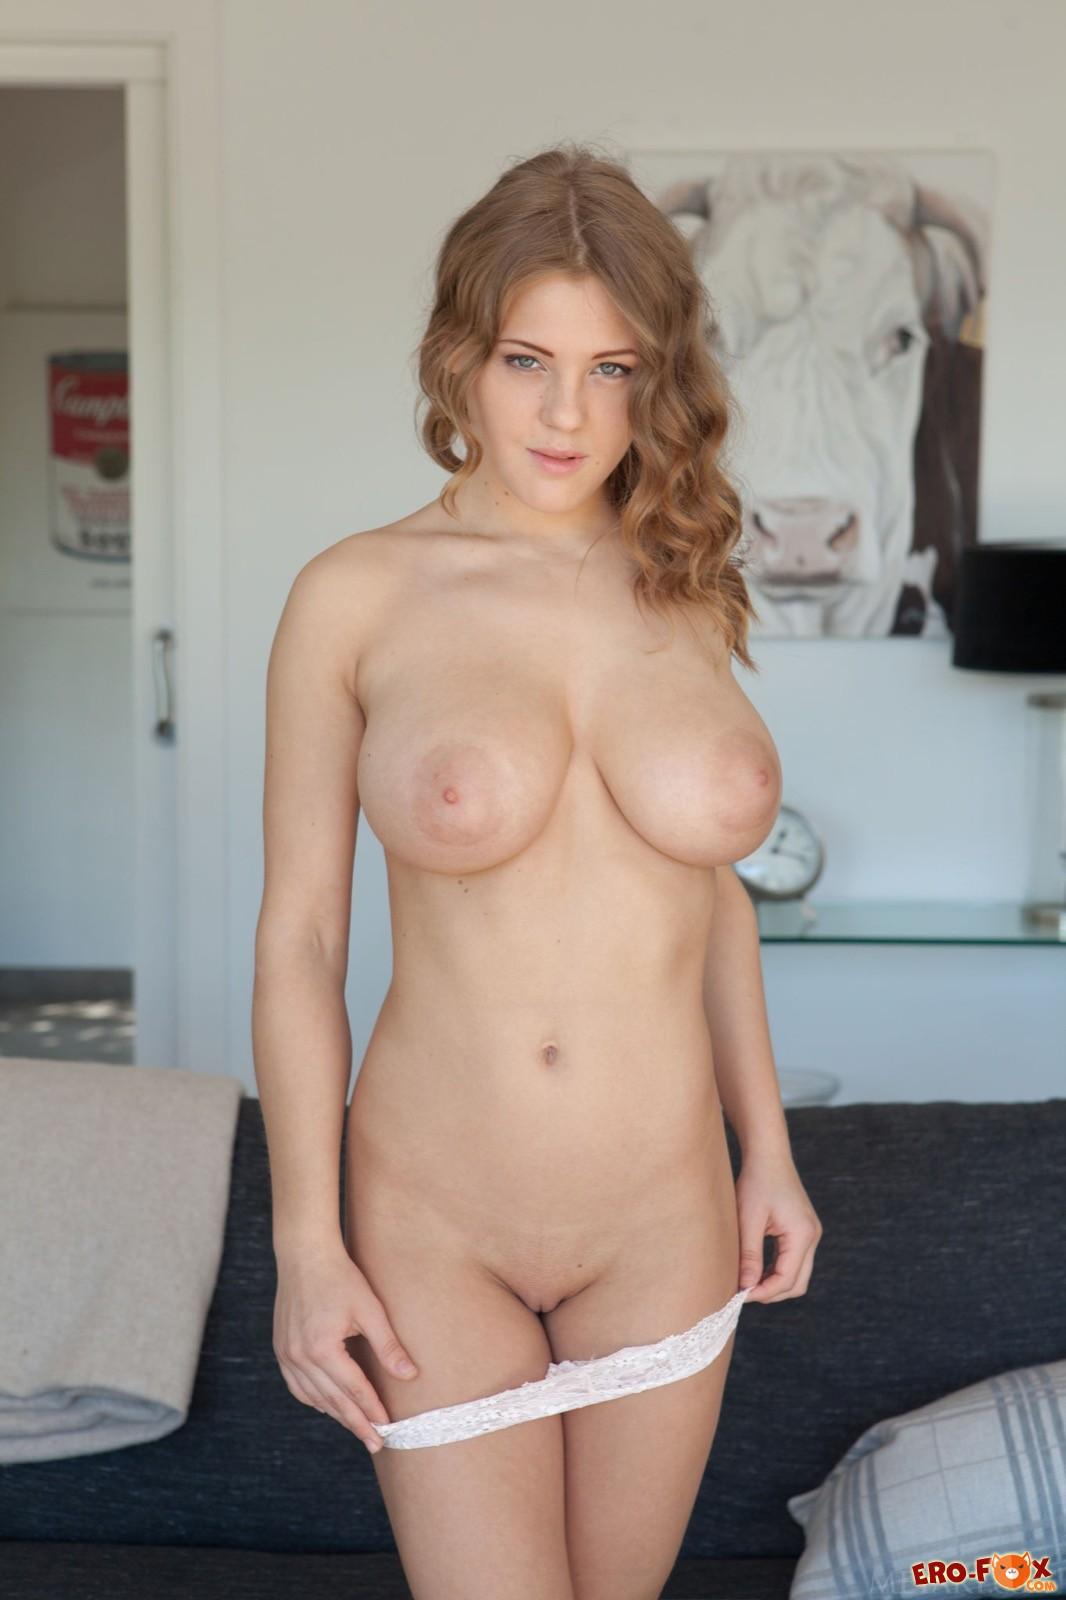 Девушка оголяет сексуальную большую грудь и попочку